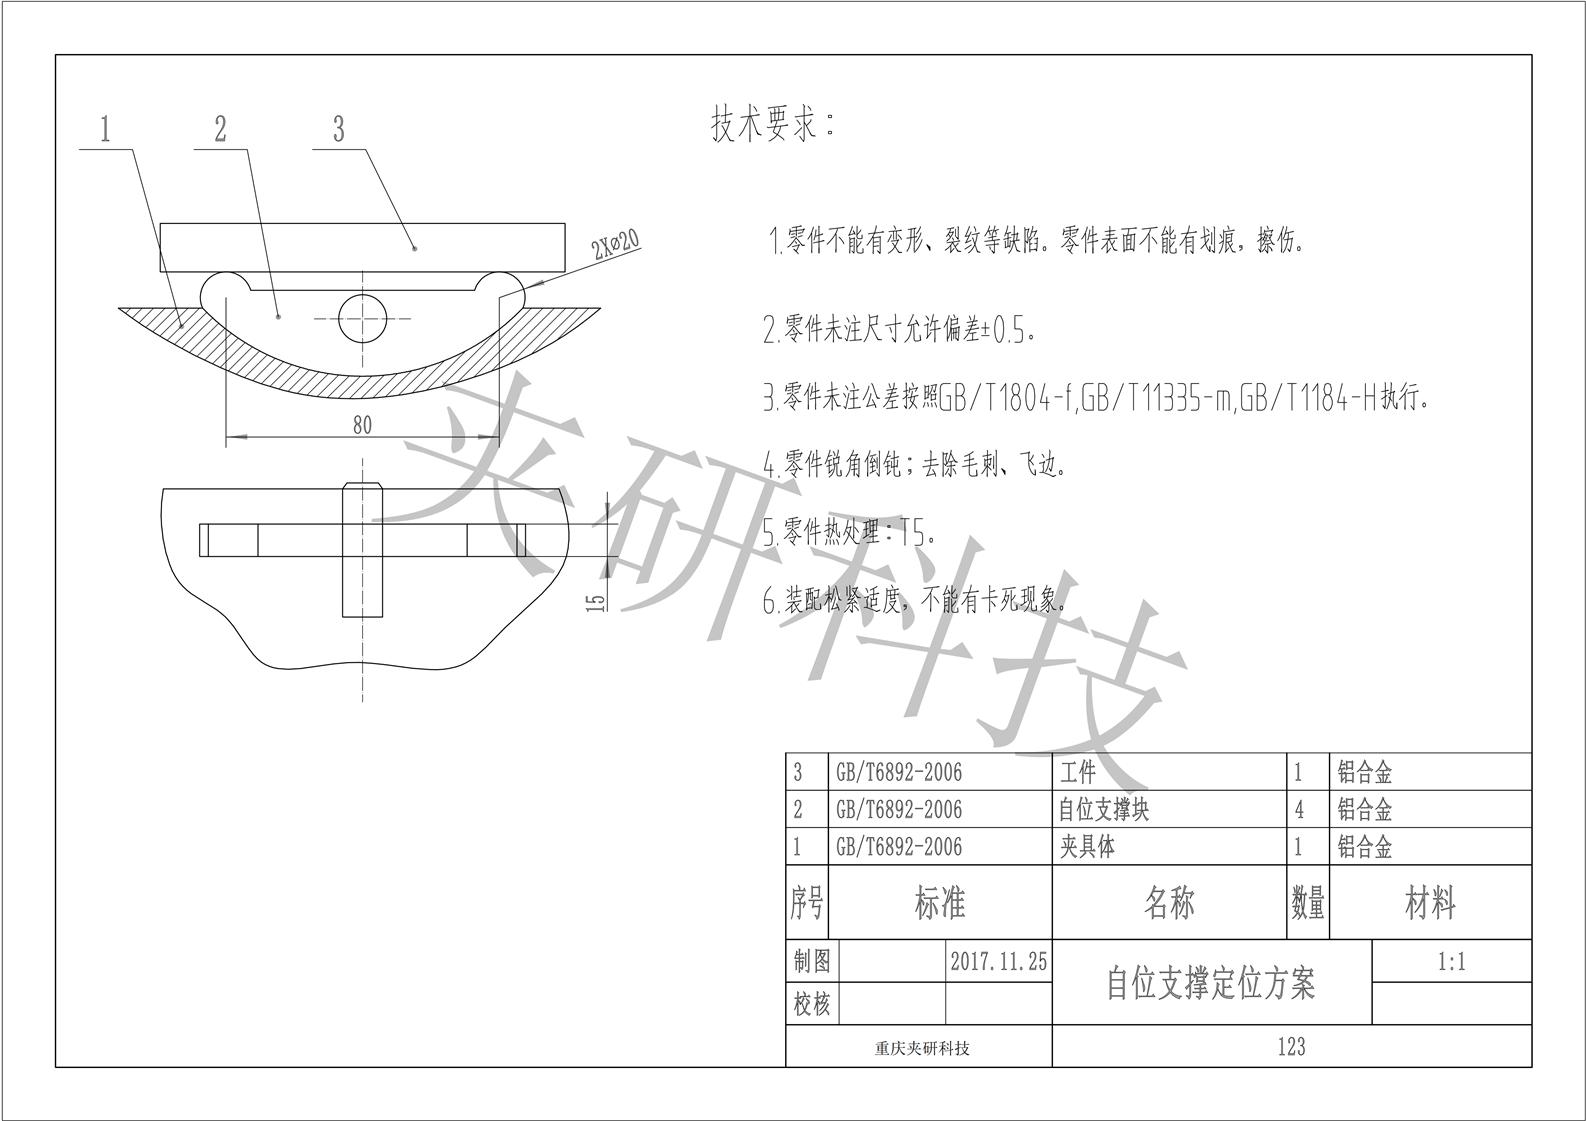 院校机床夹具设计模型-----自位支撑定位方案  第1张